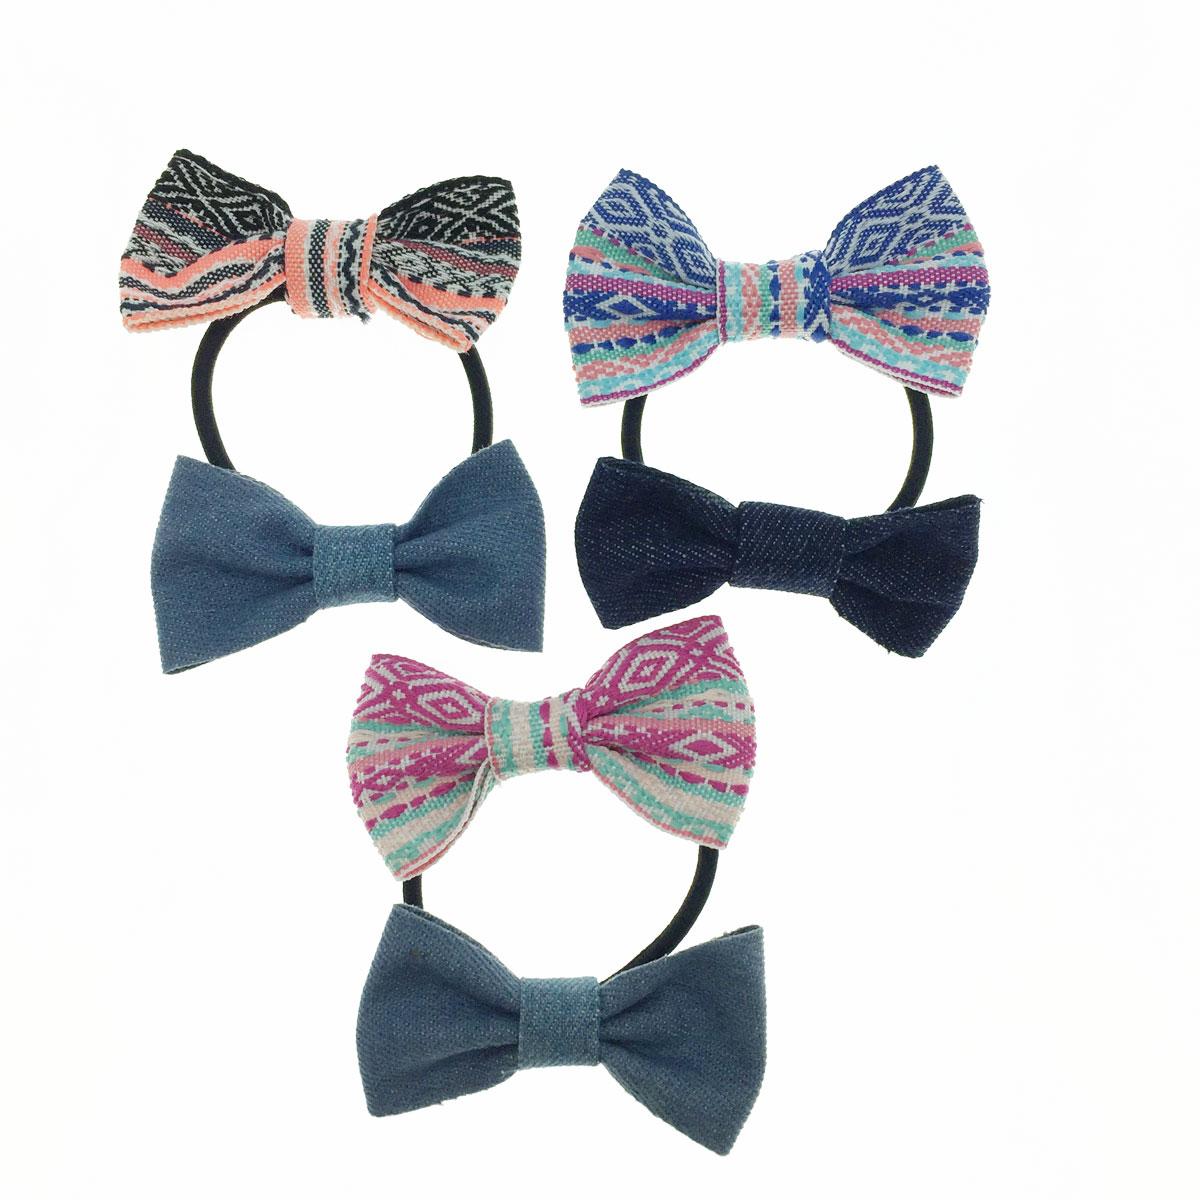 韓國 民族風 牛仔 雙蝴蝶結 花布 三色 髮束 髮飾